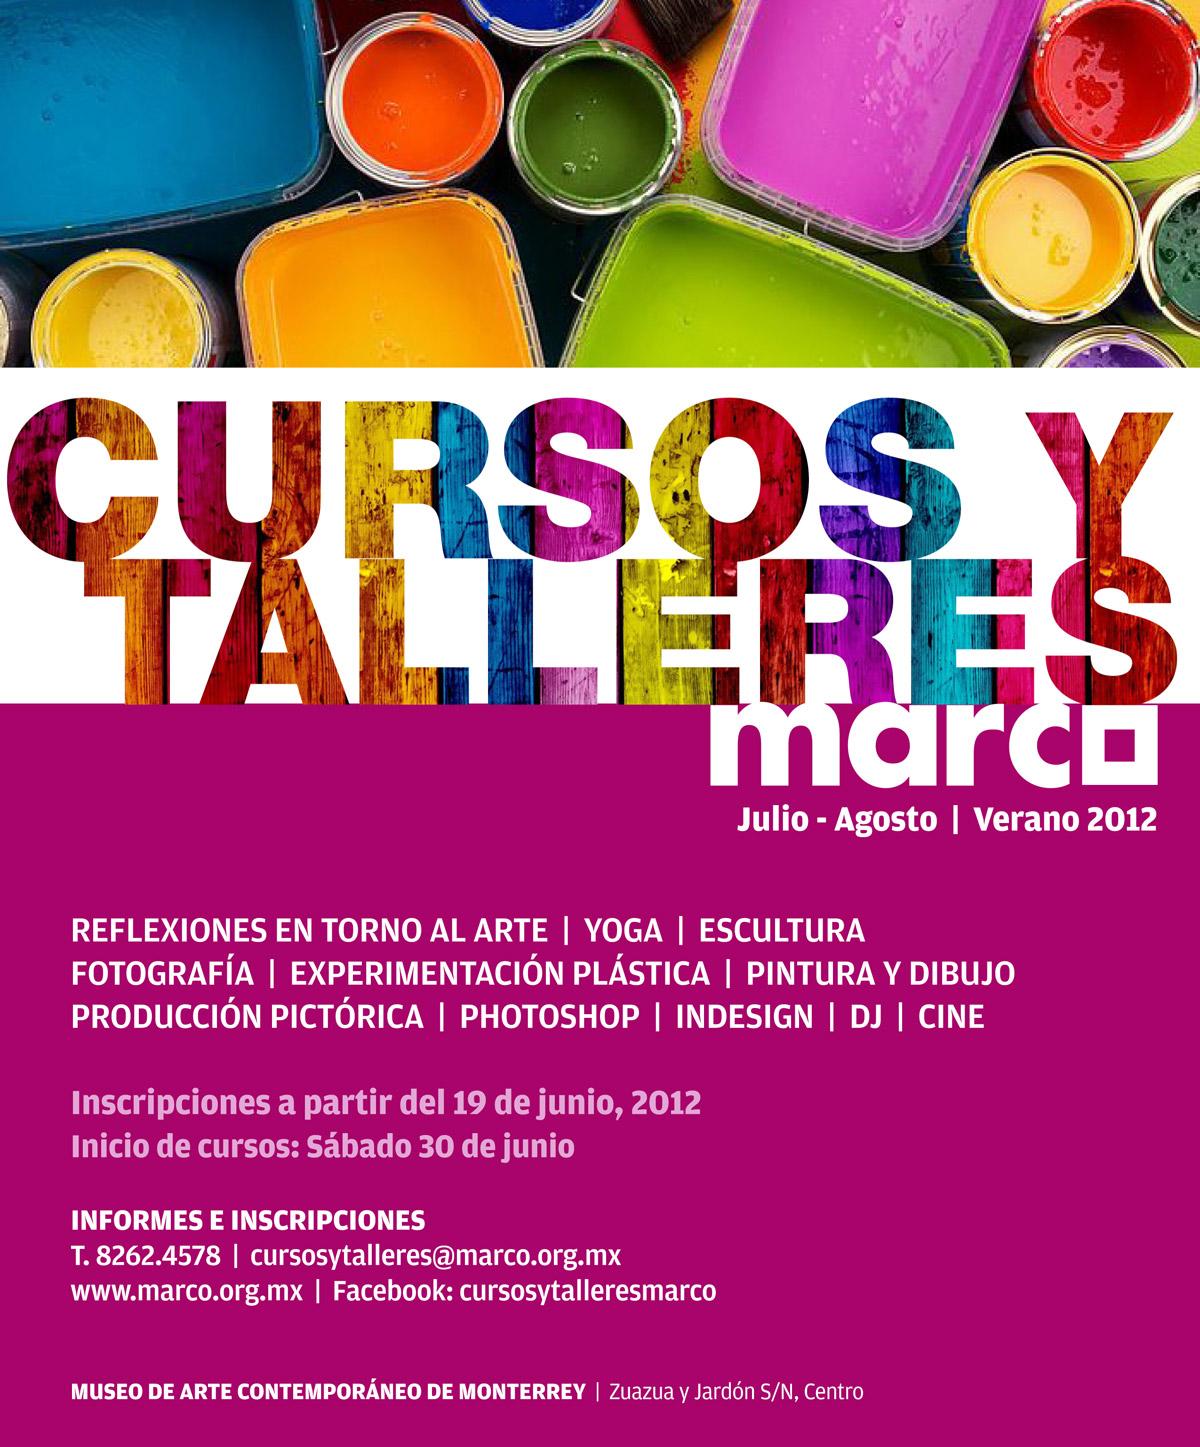 Talleres de Verano en MARCO - Diario Cultura.mx